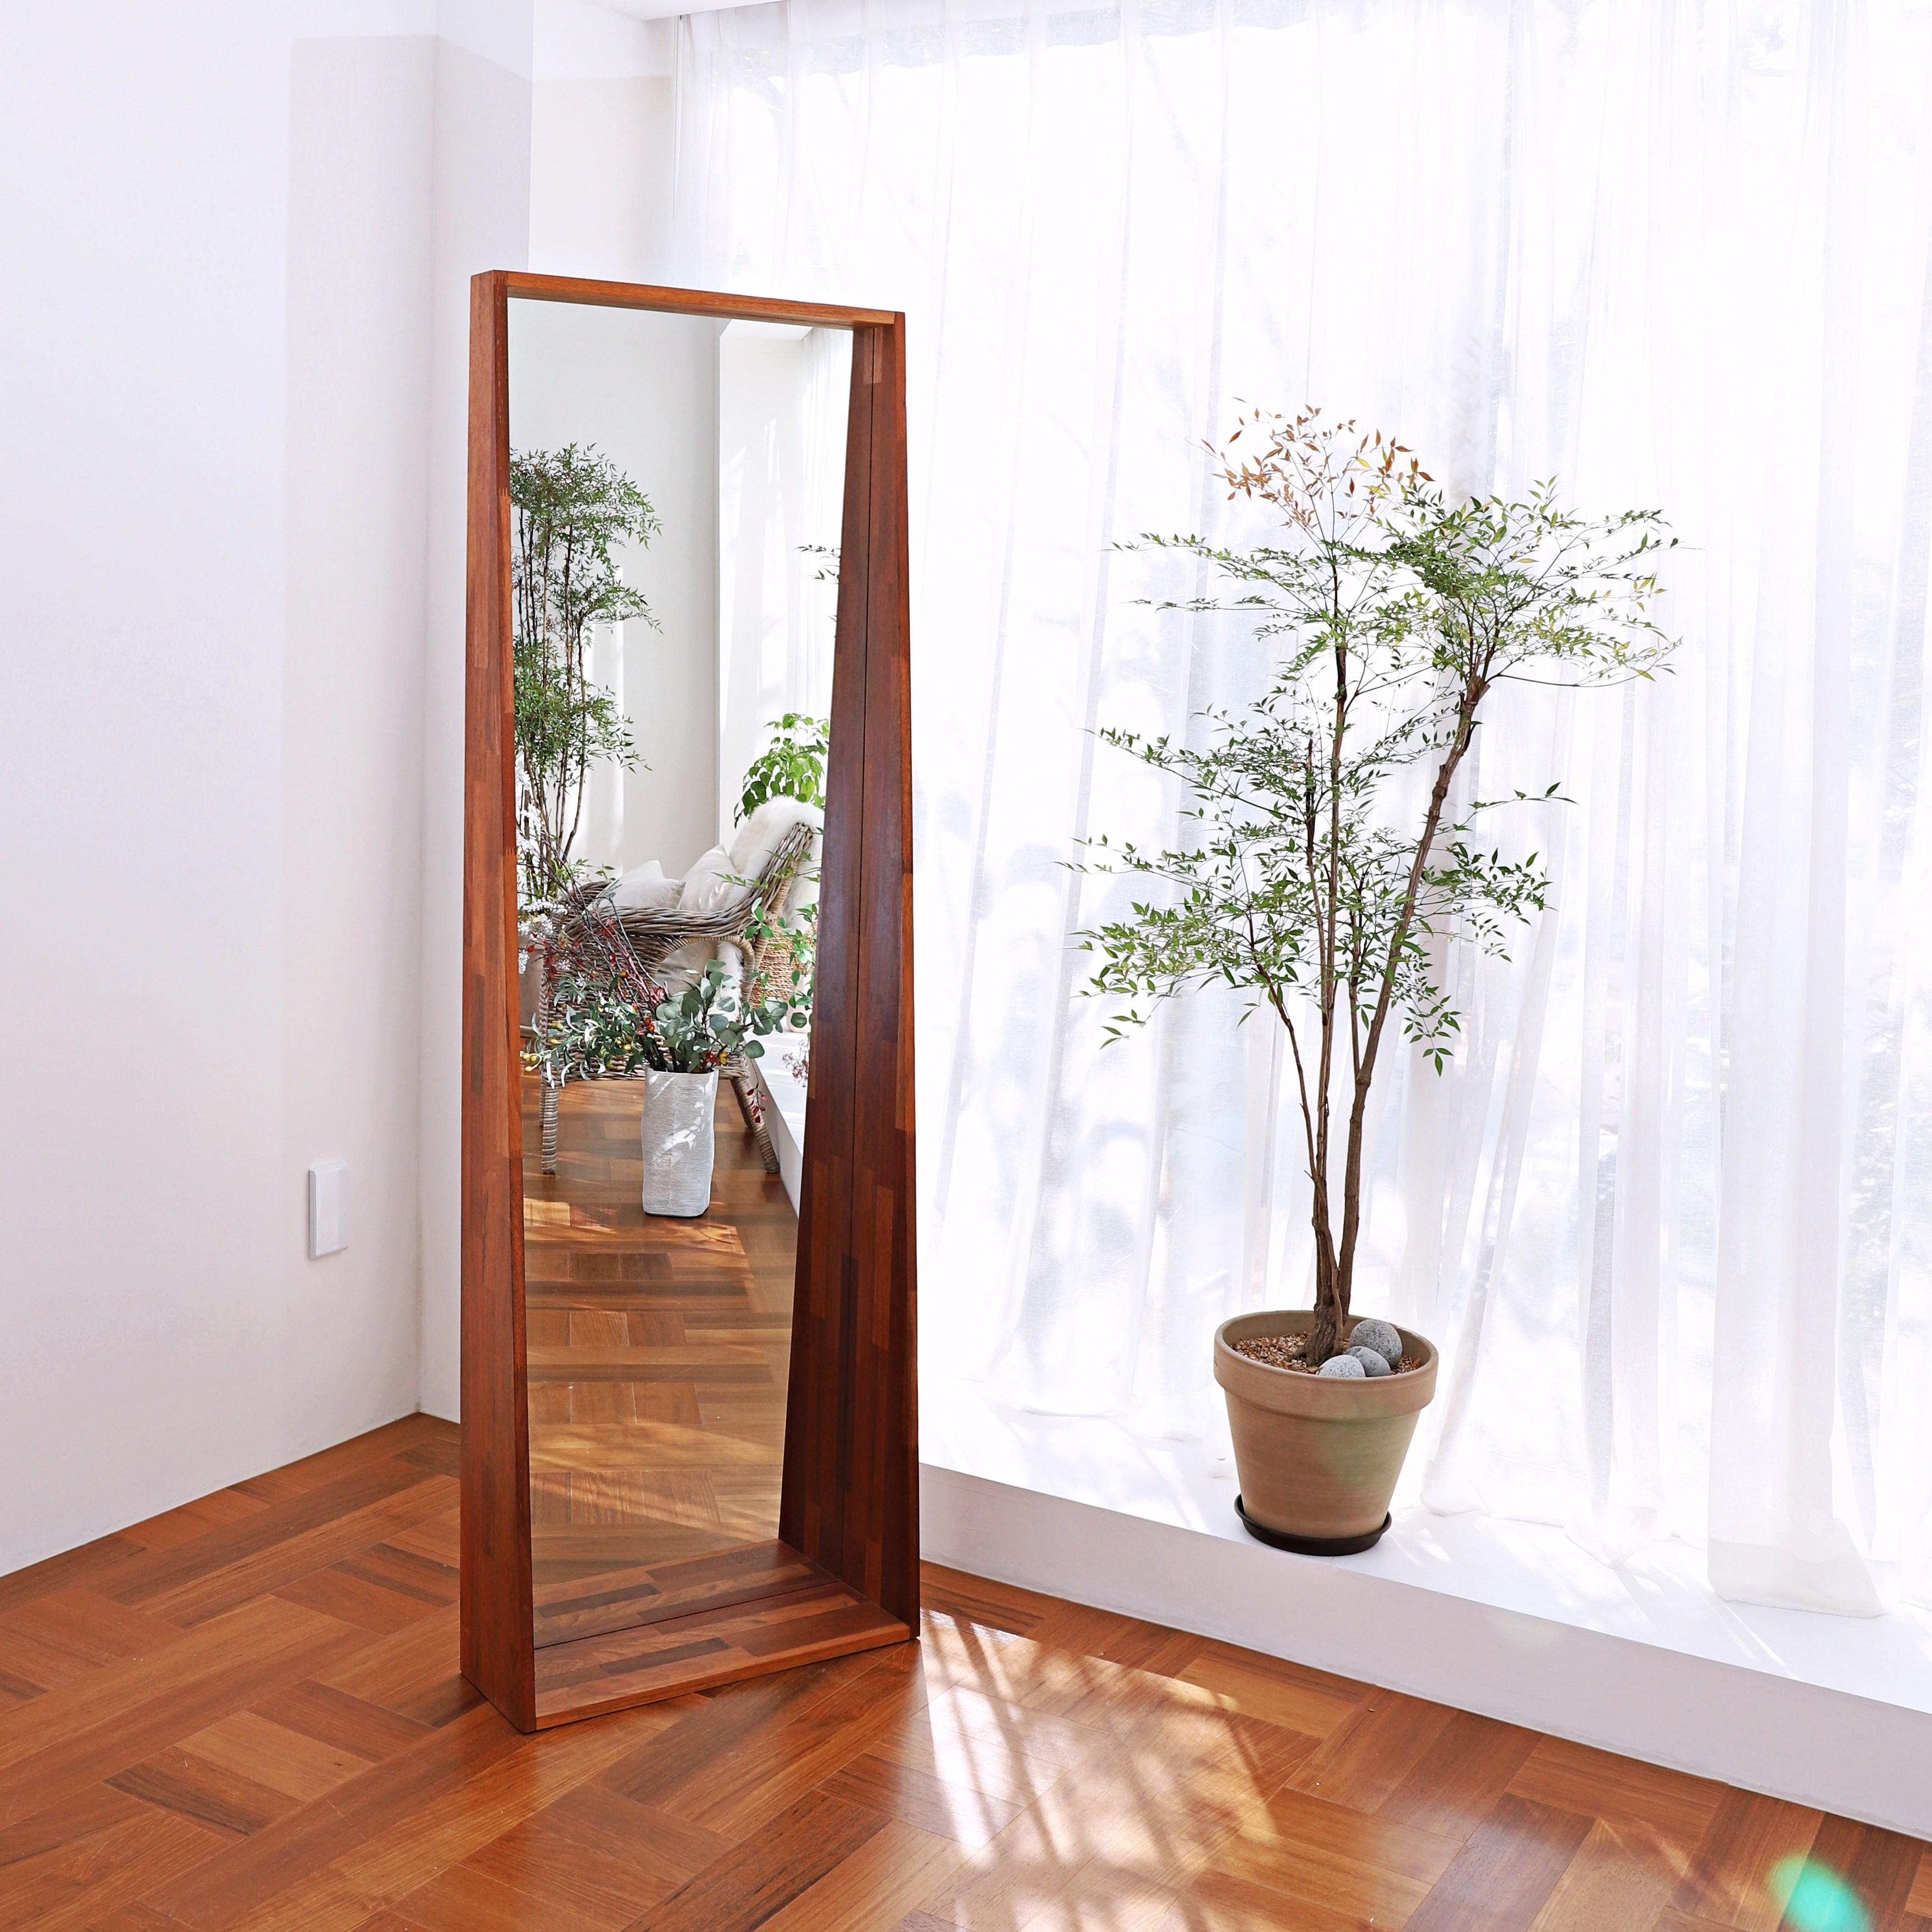 두두할배 대형 멀바우 원목 전신거울 1800, 적갈샐 멀바우 원목